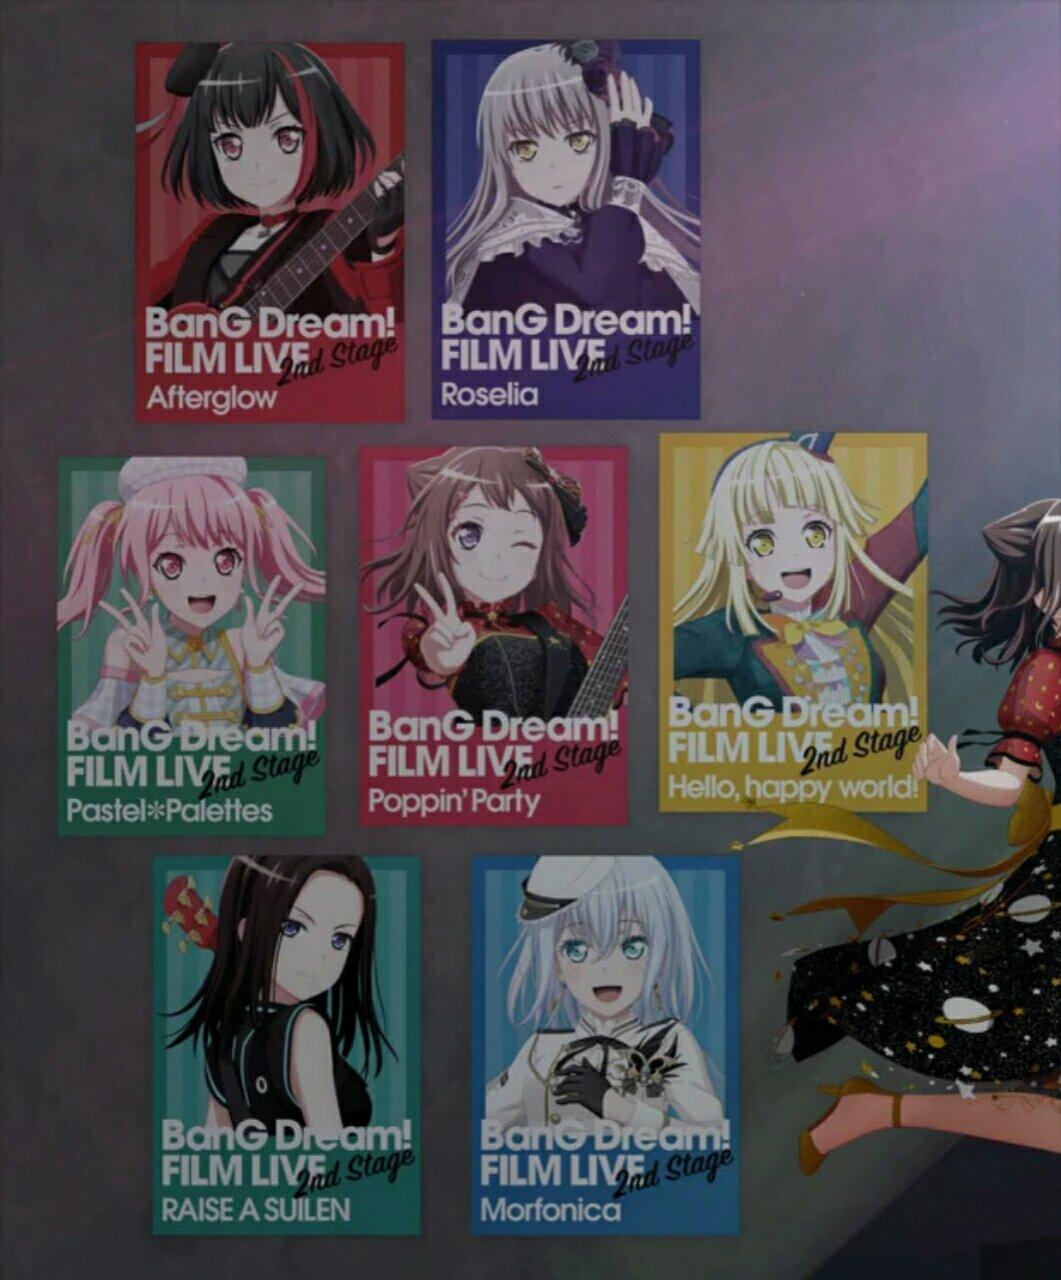 Film Anime BanG Dream! FILM LIVE 2nd Stage Mengepos Video Promosi Baru yang Lebih Panjang 2